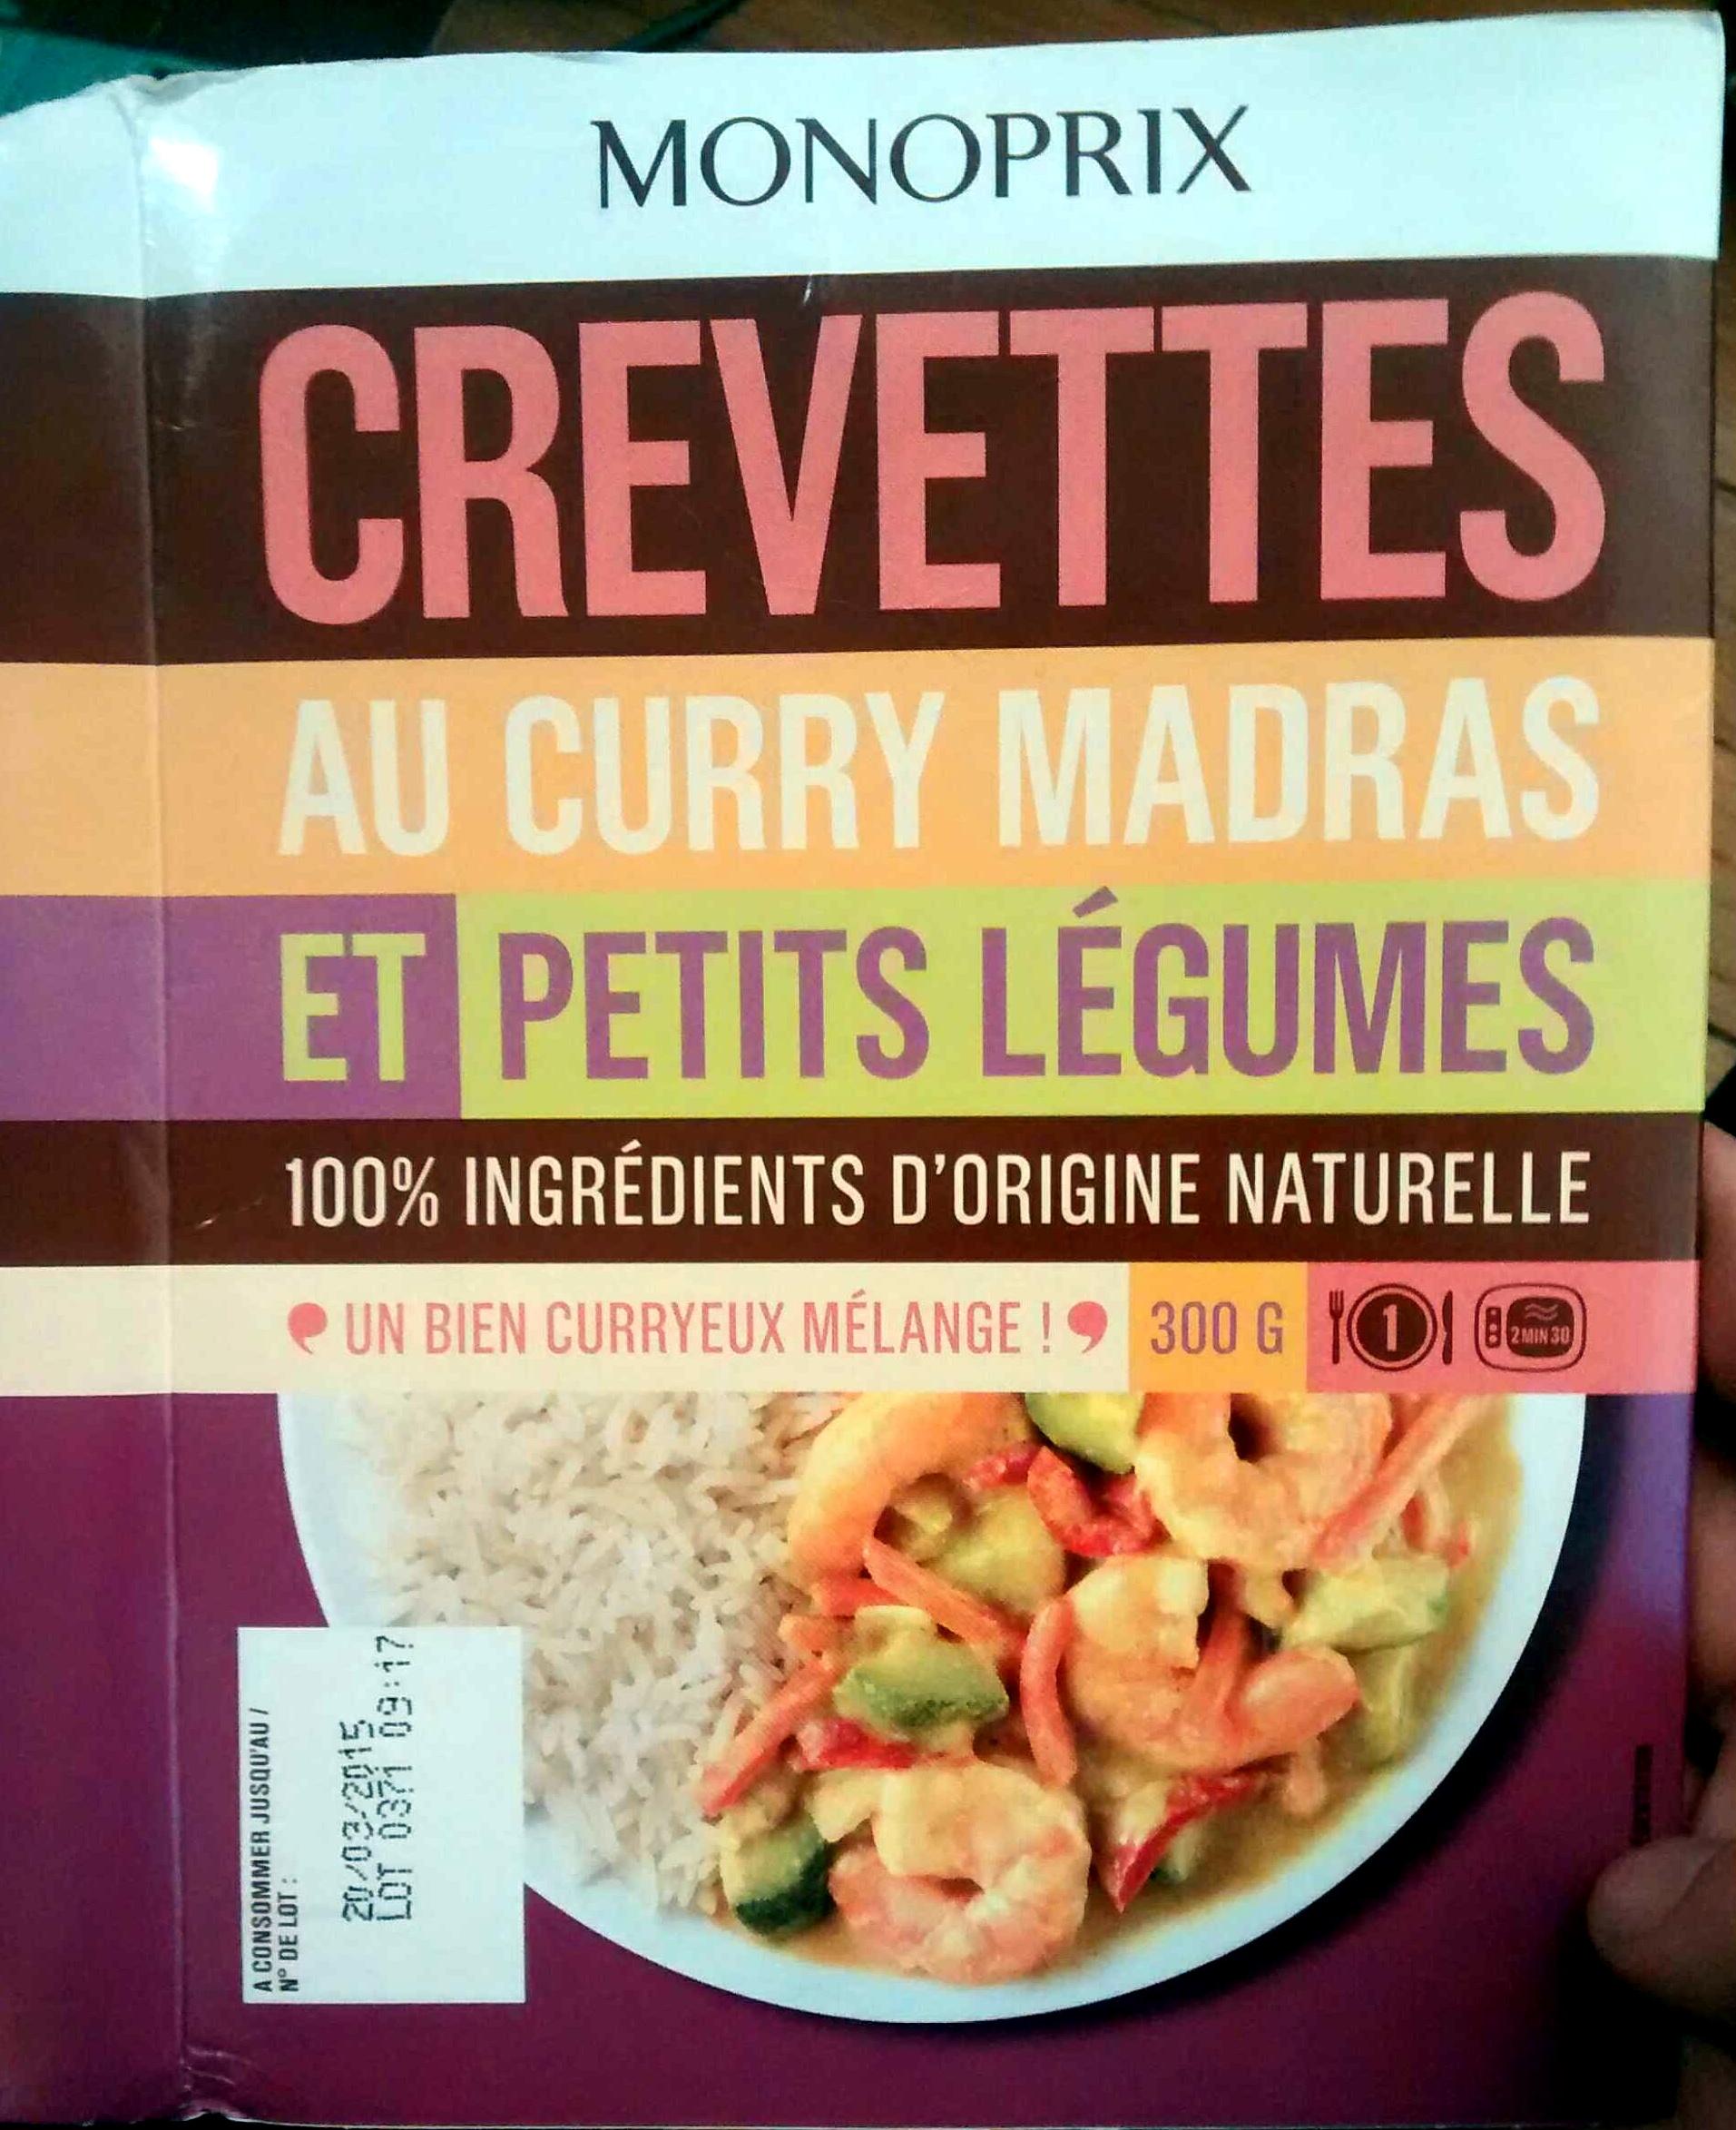 Crevettes au curry madras et petits légumes - Produit